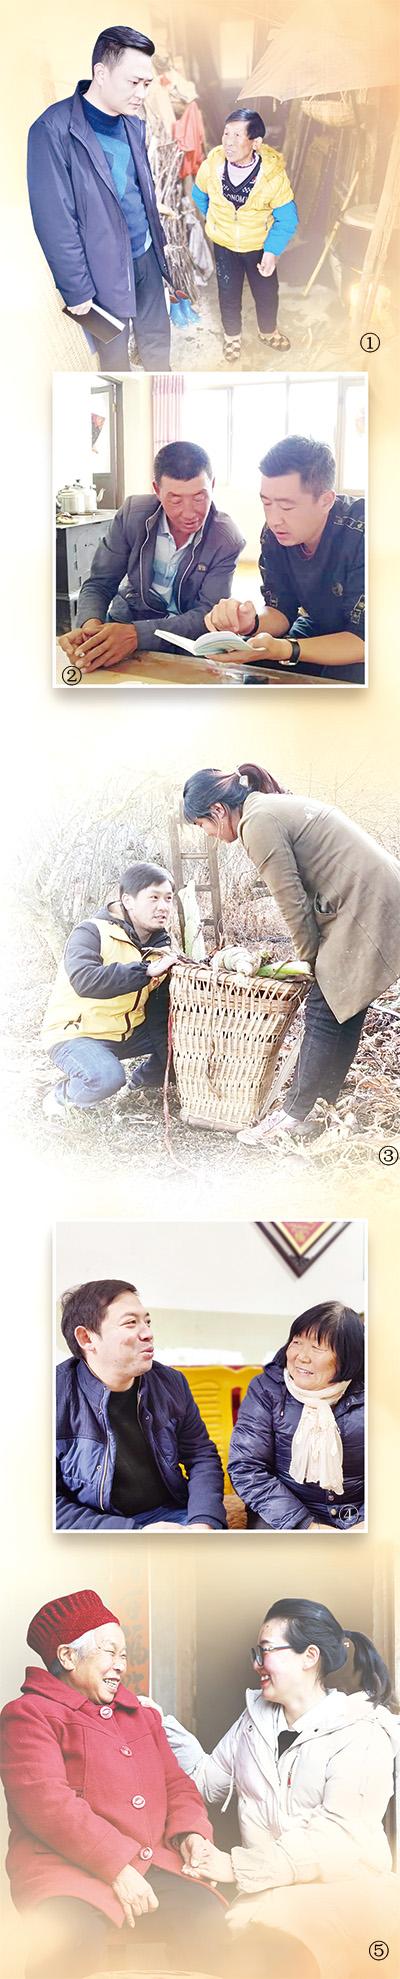 黄文进摄图②:周海钰(右)村民给正在步夤业男抡.散泡技巧图片